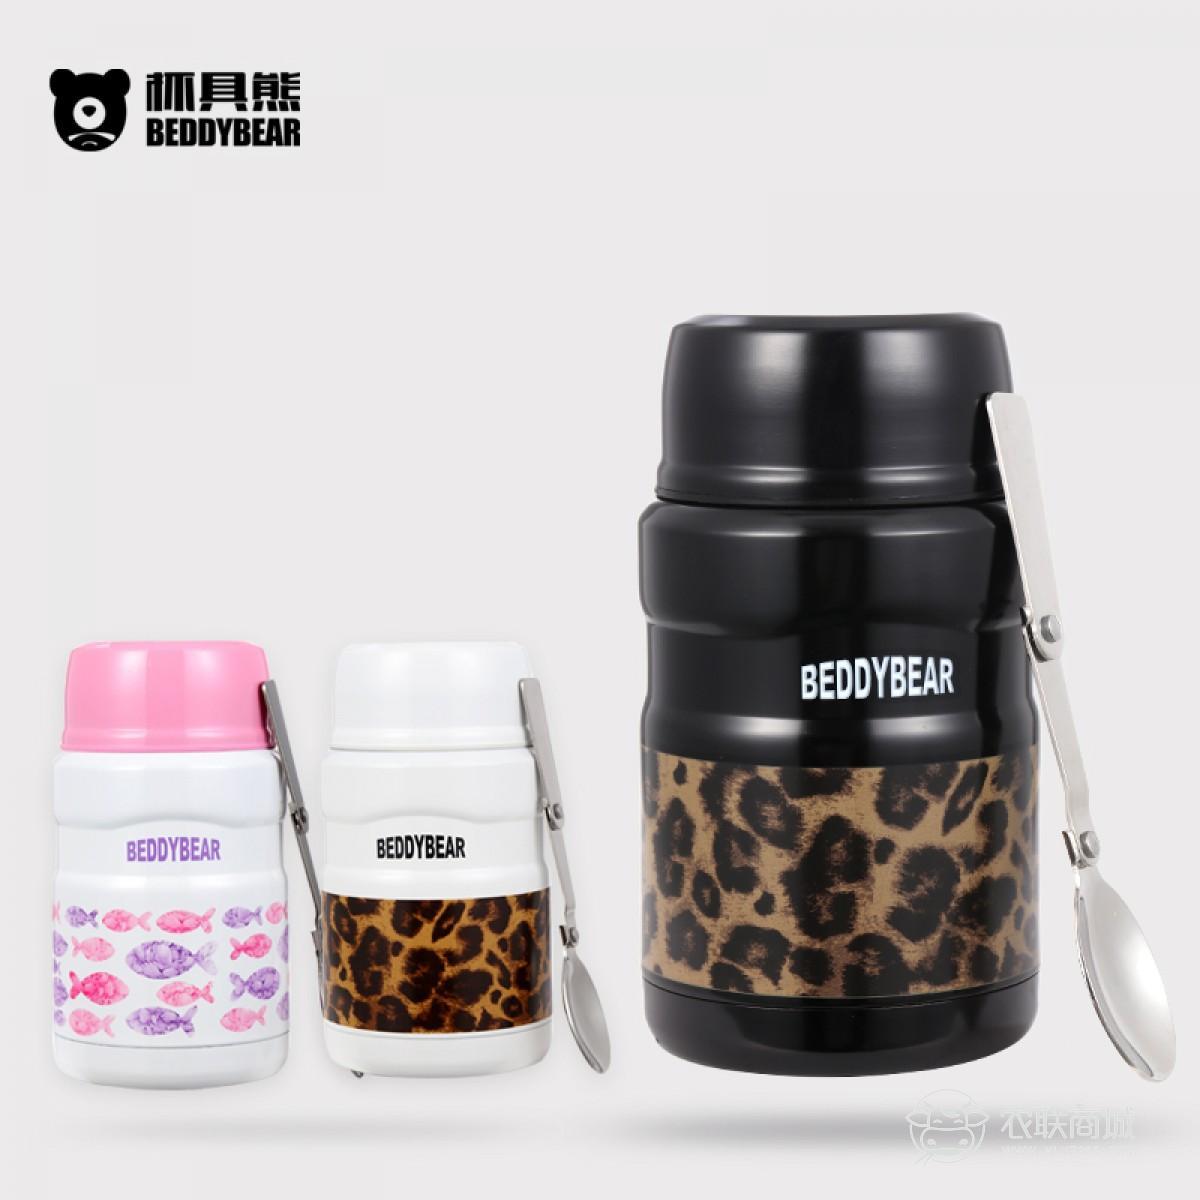 杯具熊新款焖烧壶不锈钢真空保温饭盒保温桶粥桶焖烧杯焖烧罐520ML 多种颜色